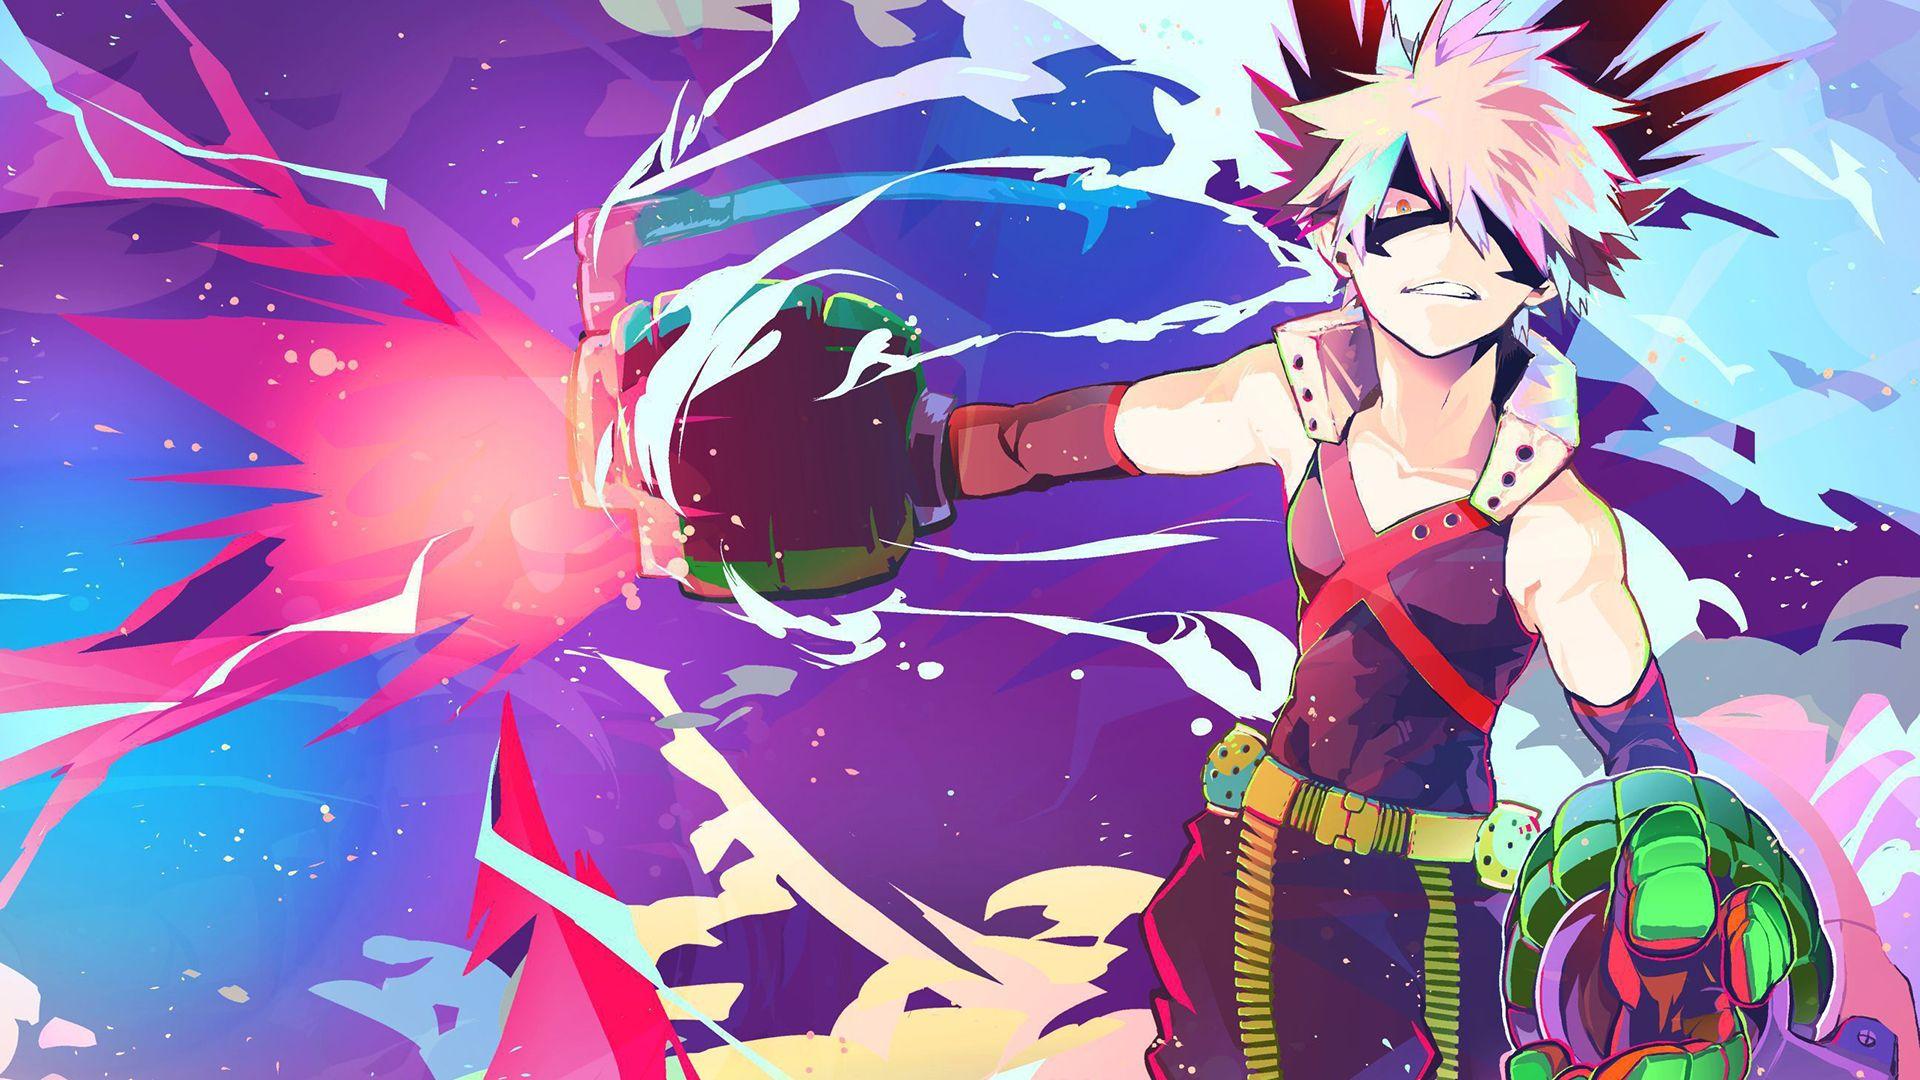 My Heroic Academy Bakusou Wallpaper